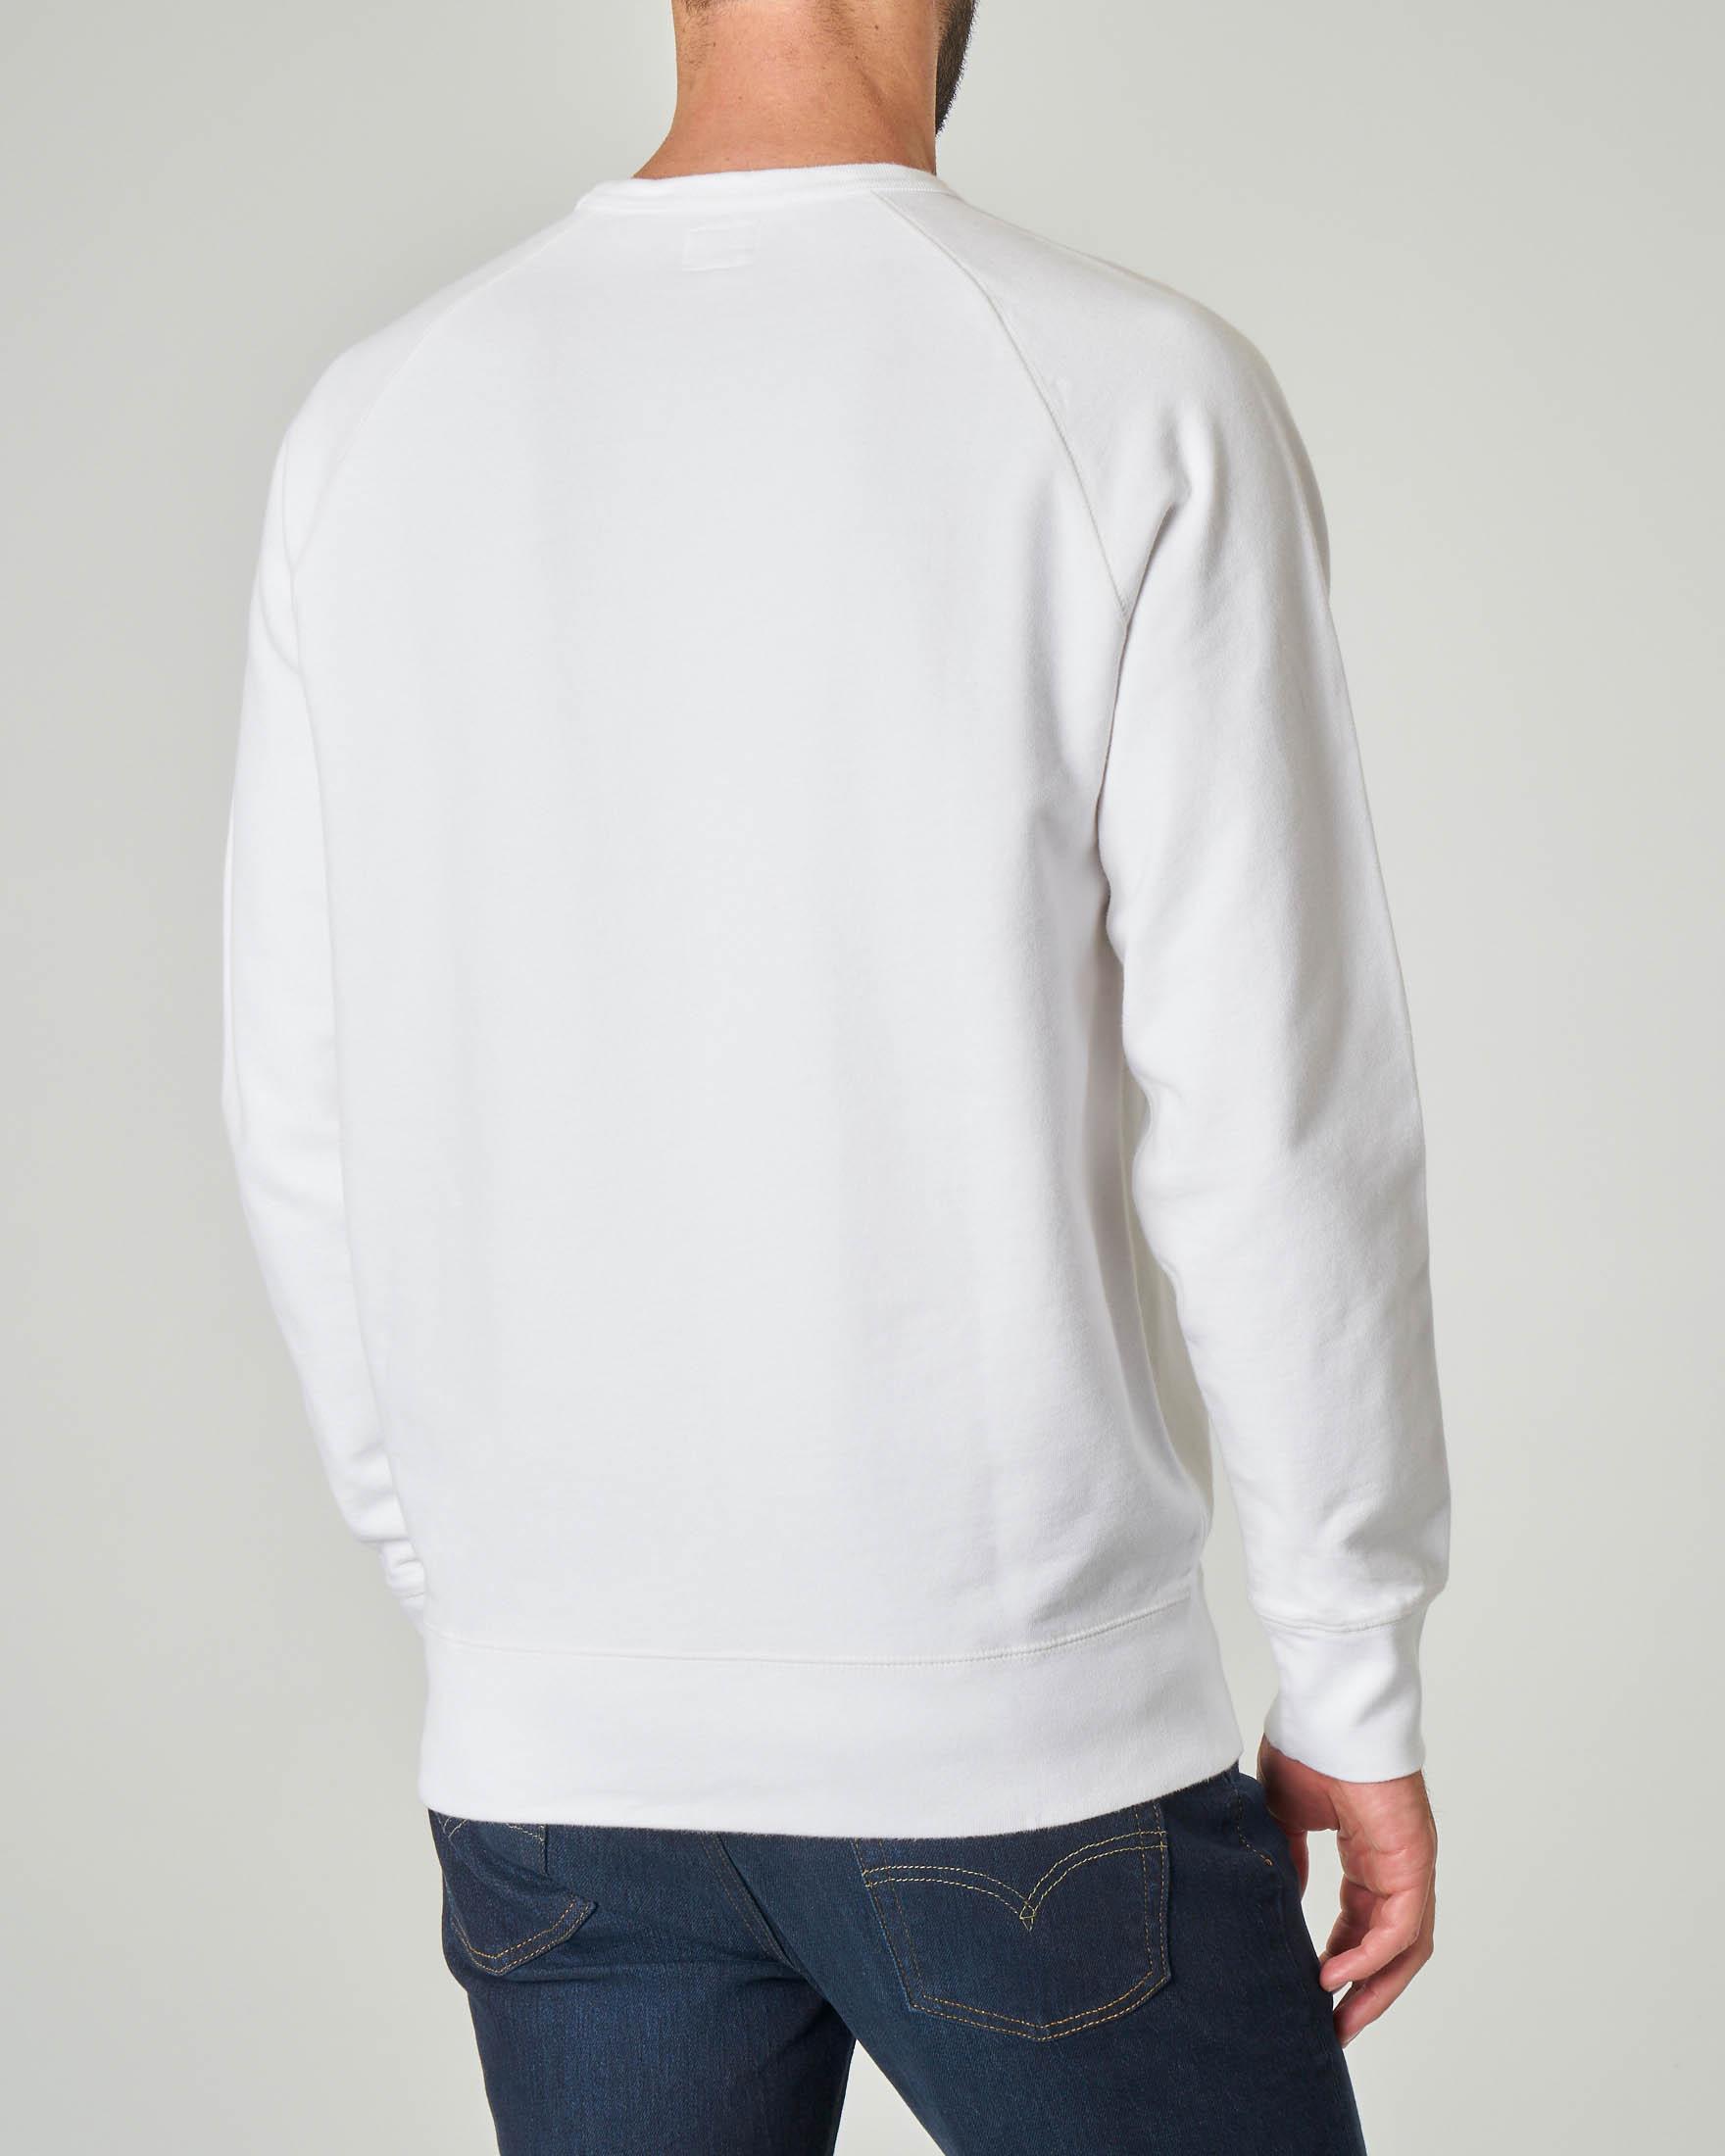 Felpa bianca girocollo con logo batwing piccolo